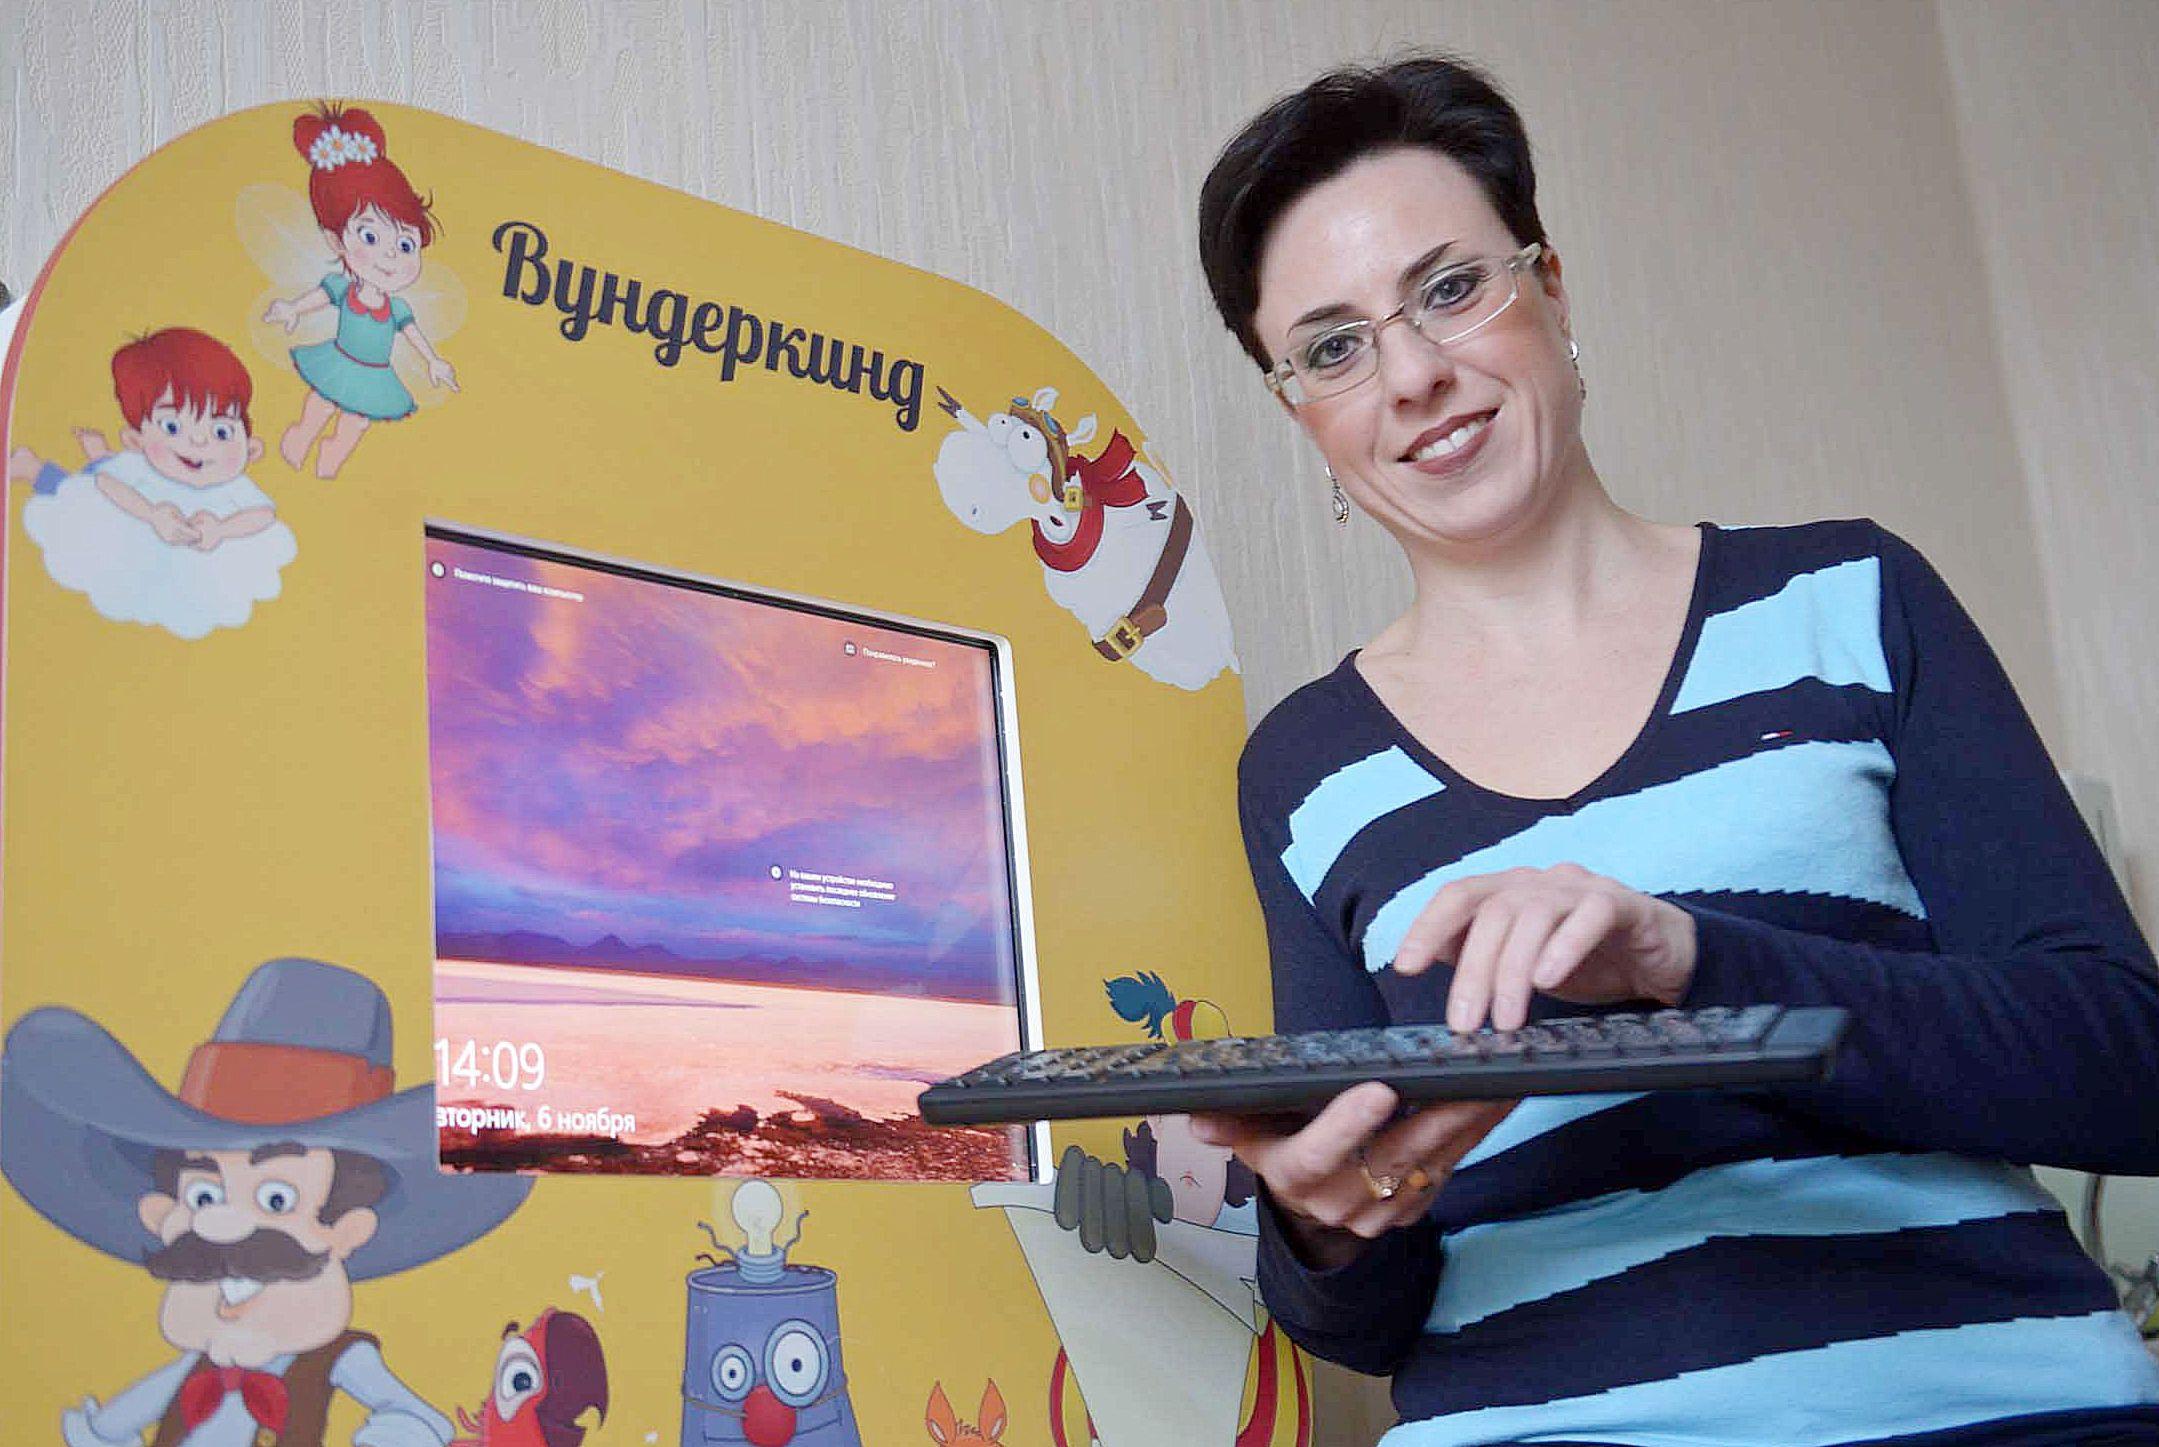 Московским учителям разрешили задавать домашнюю работу онлайн